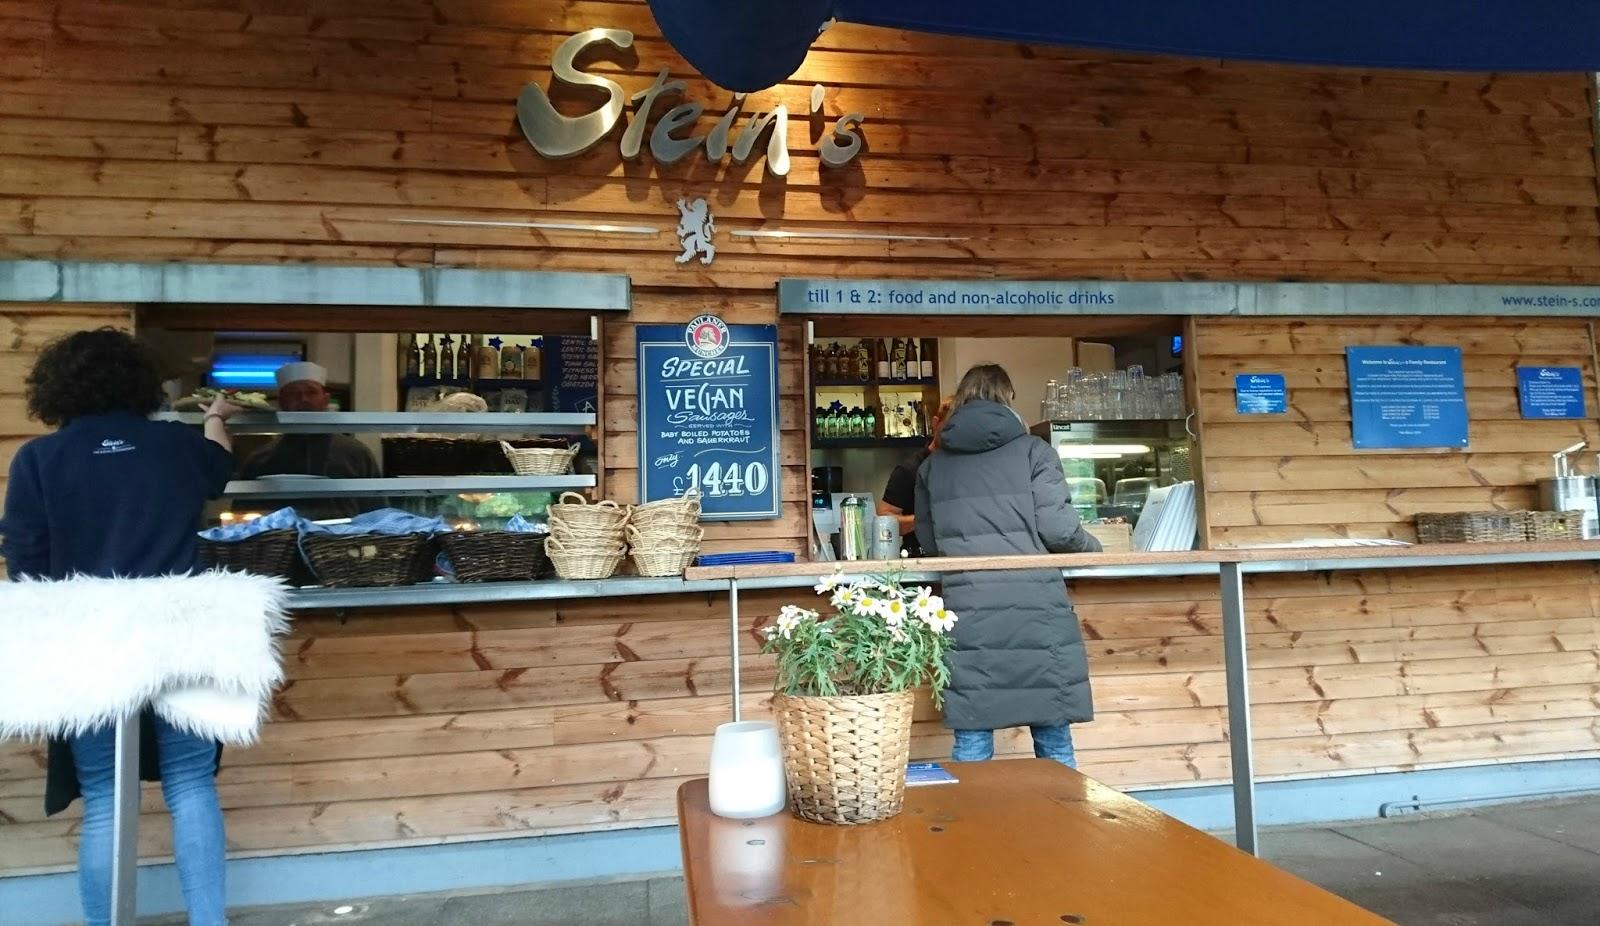 Steins Restaurant